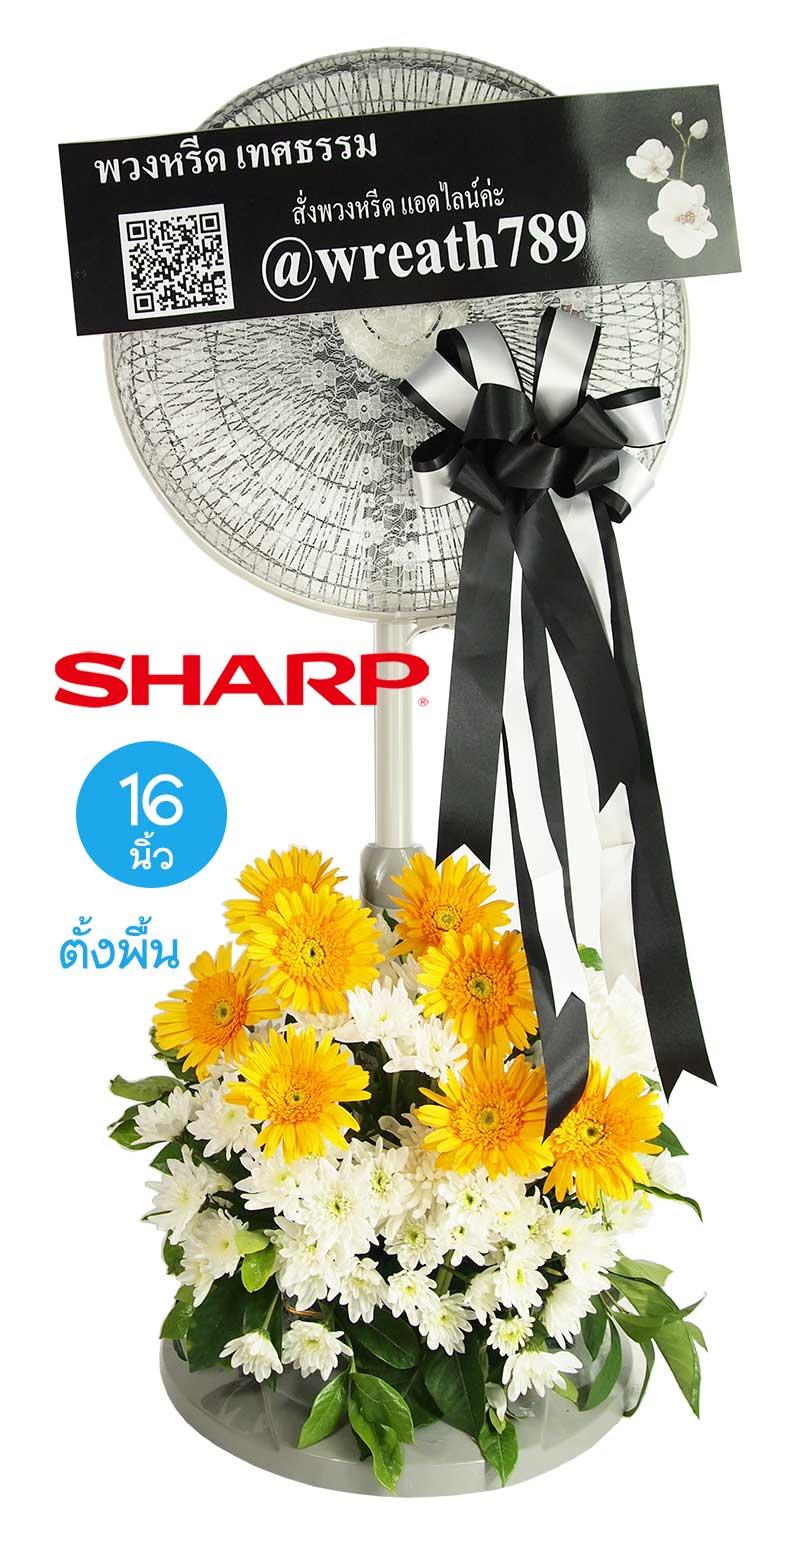 พวงหรีดพัดลมดอกไม้สด โทนขาวเหลืองดอกเยียบีร่า แบบที่106h 16นิ้ว Sharp